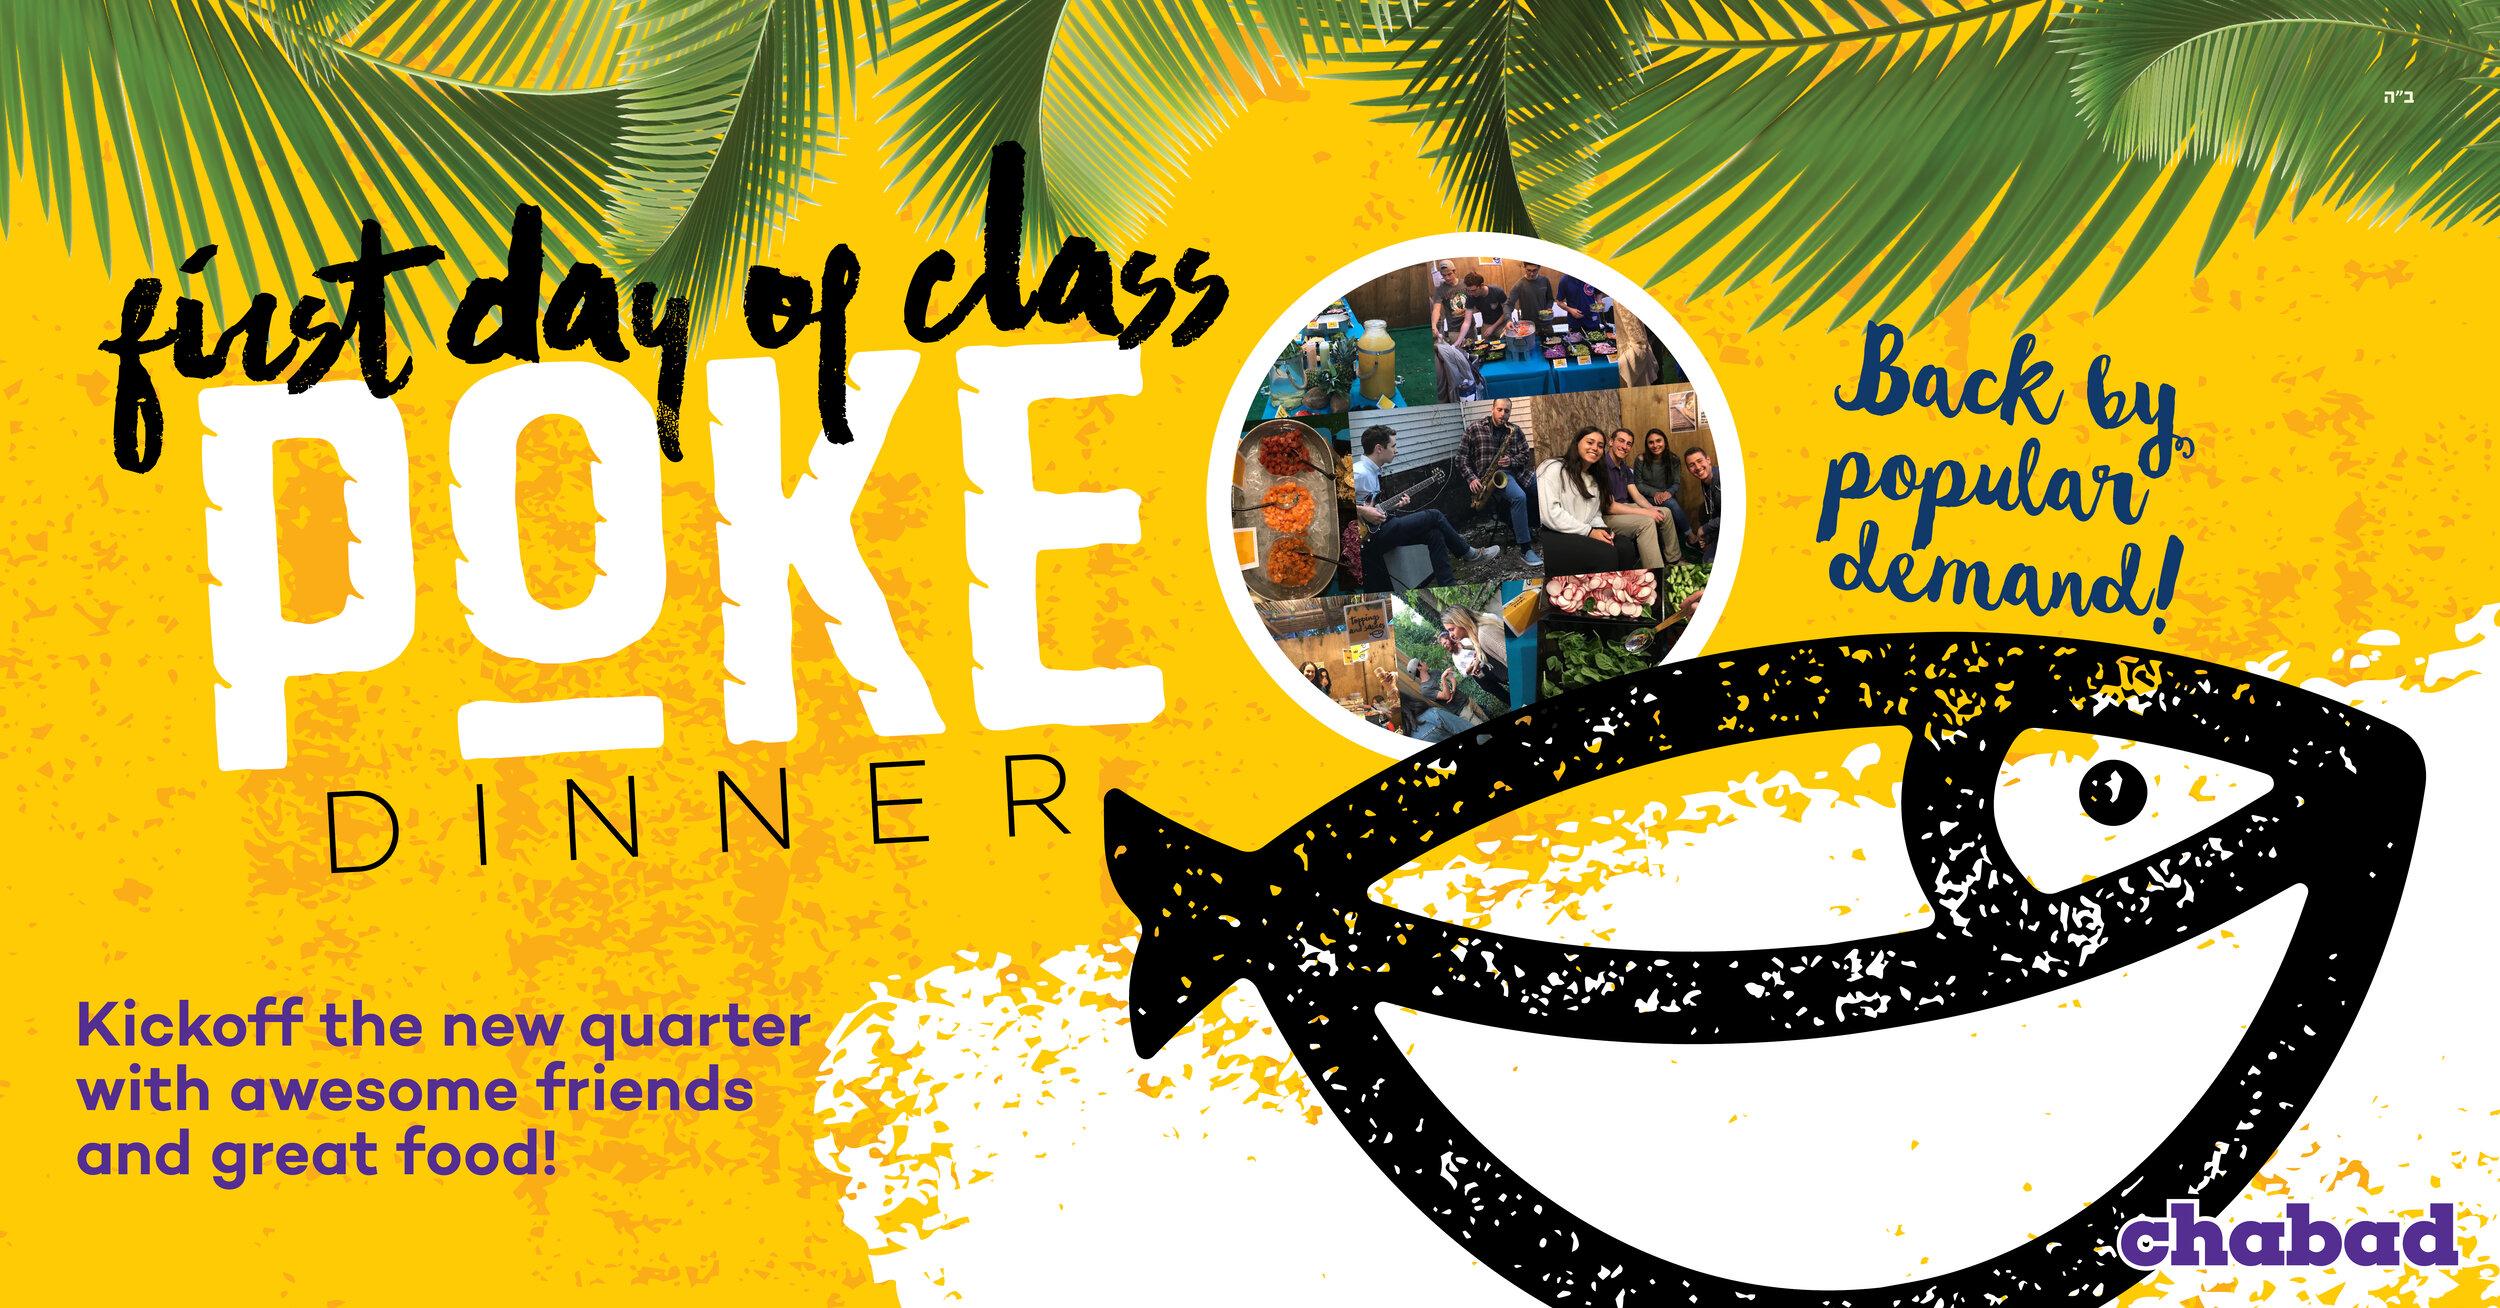 Poke Dinner 2019 - Image for FB.jpg